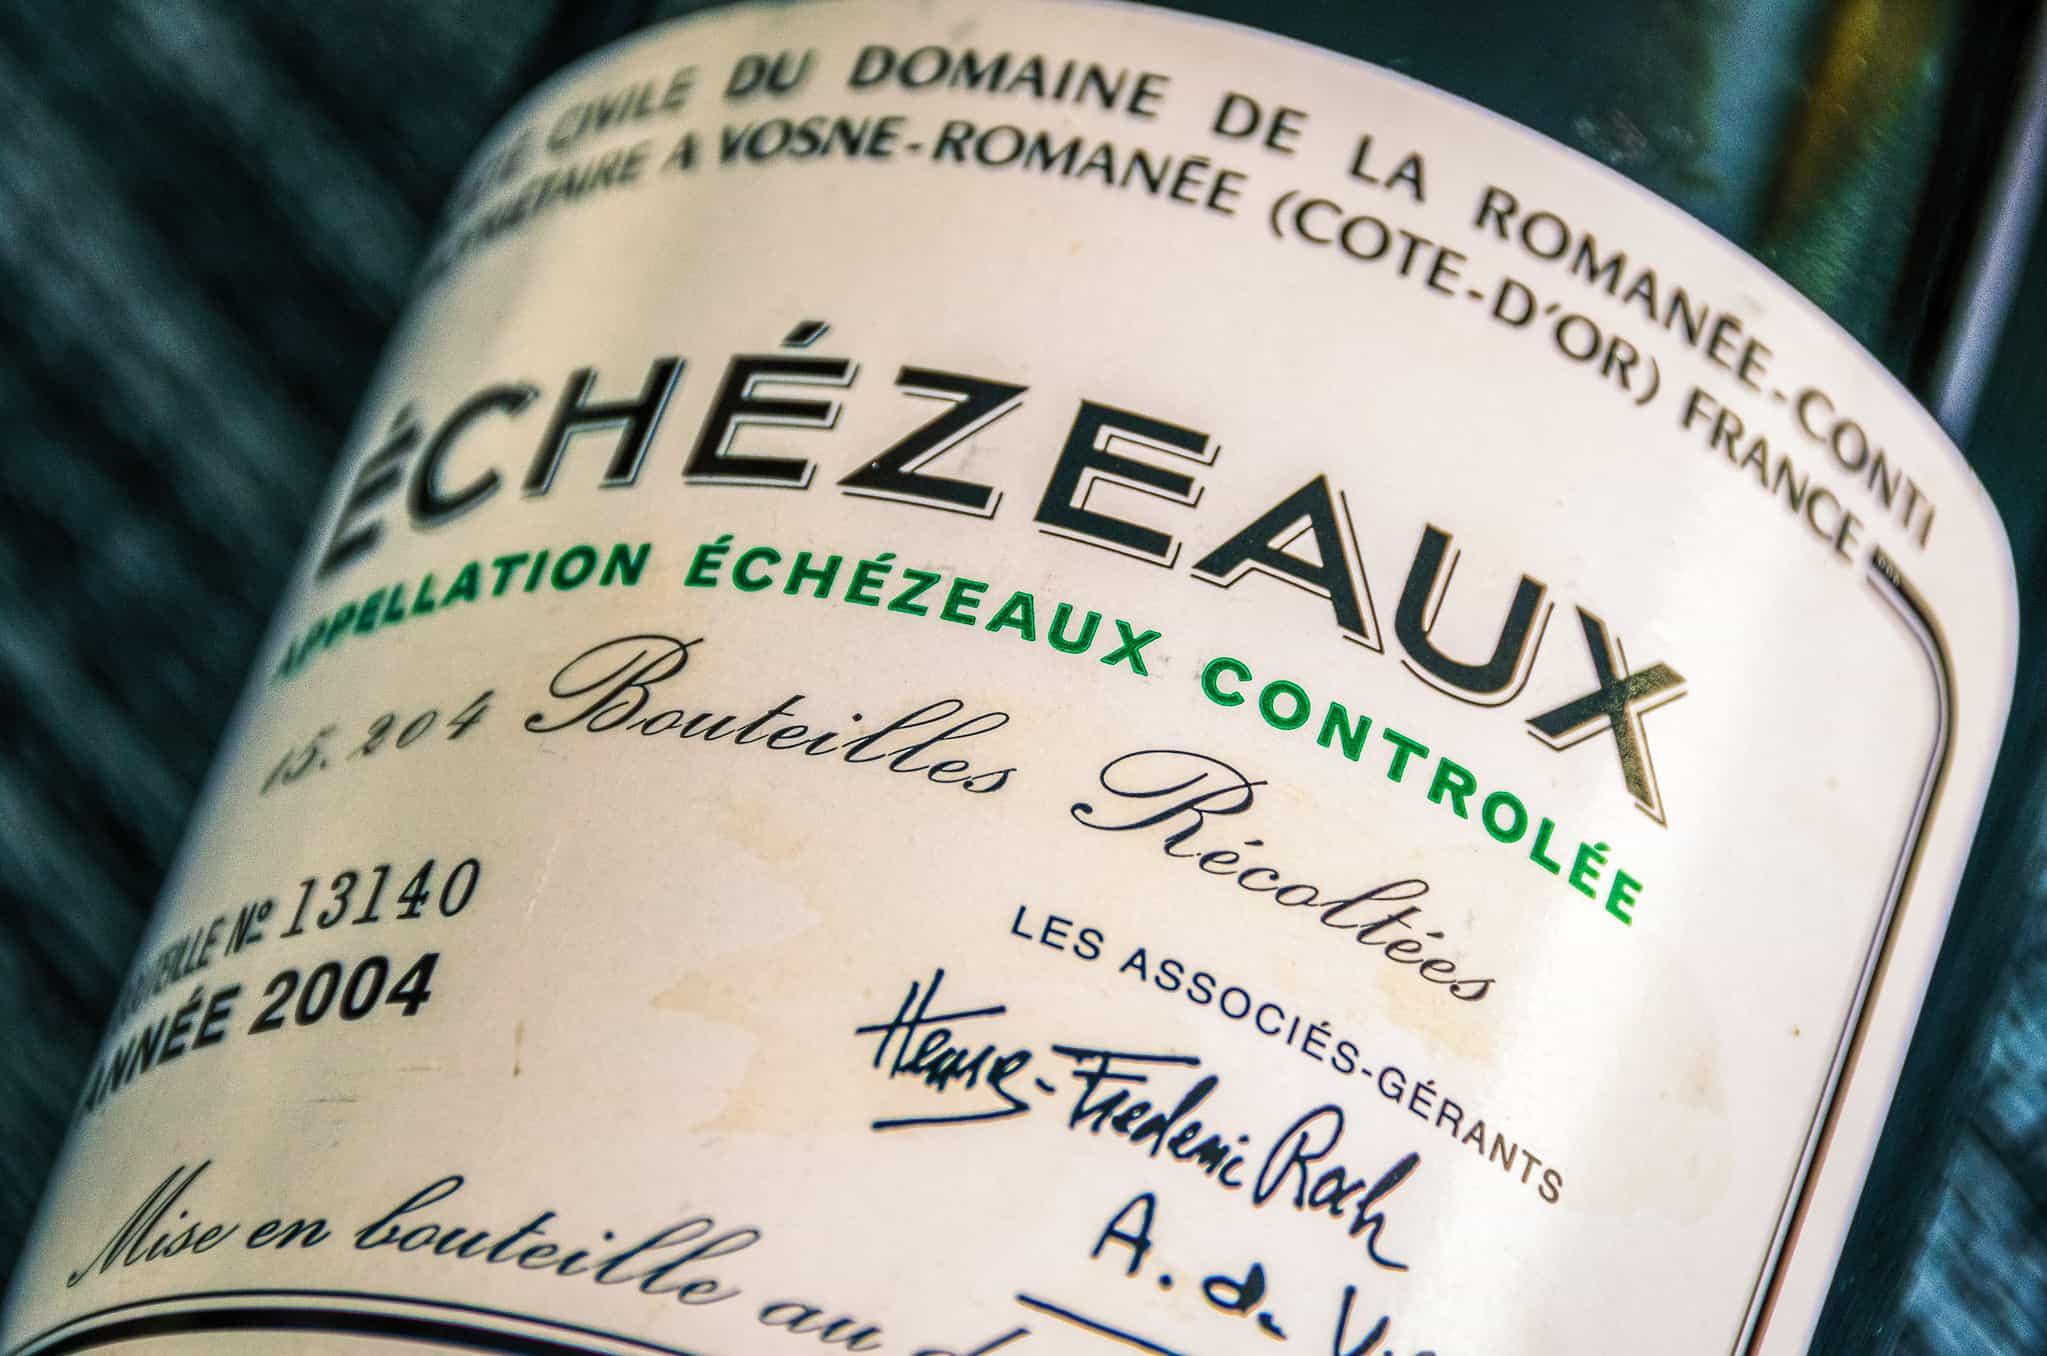 Closeup of a label of Domaine de la Romanée-Conti Échezeaux